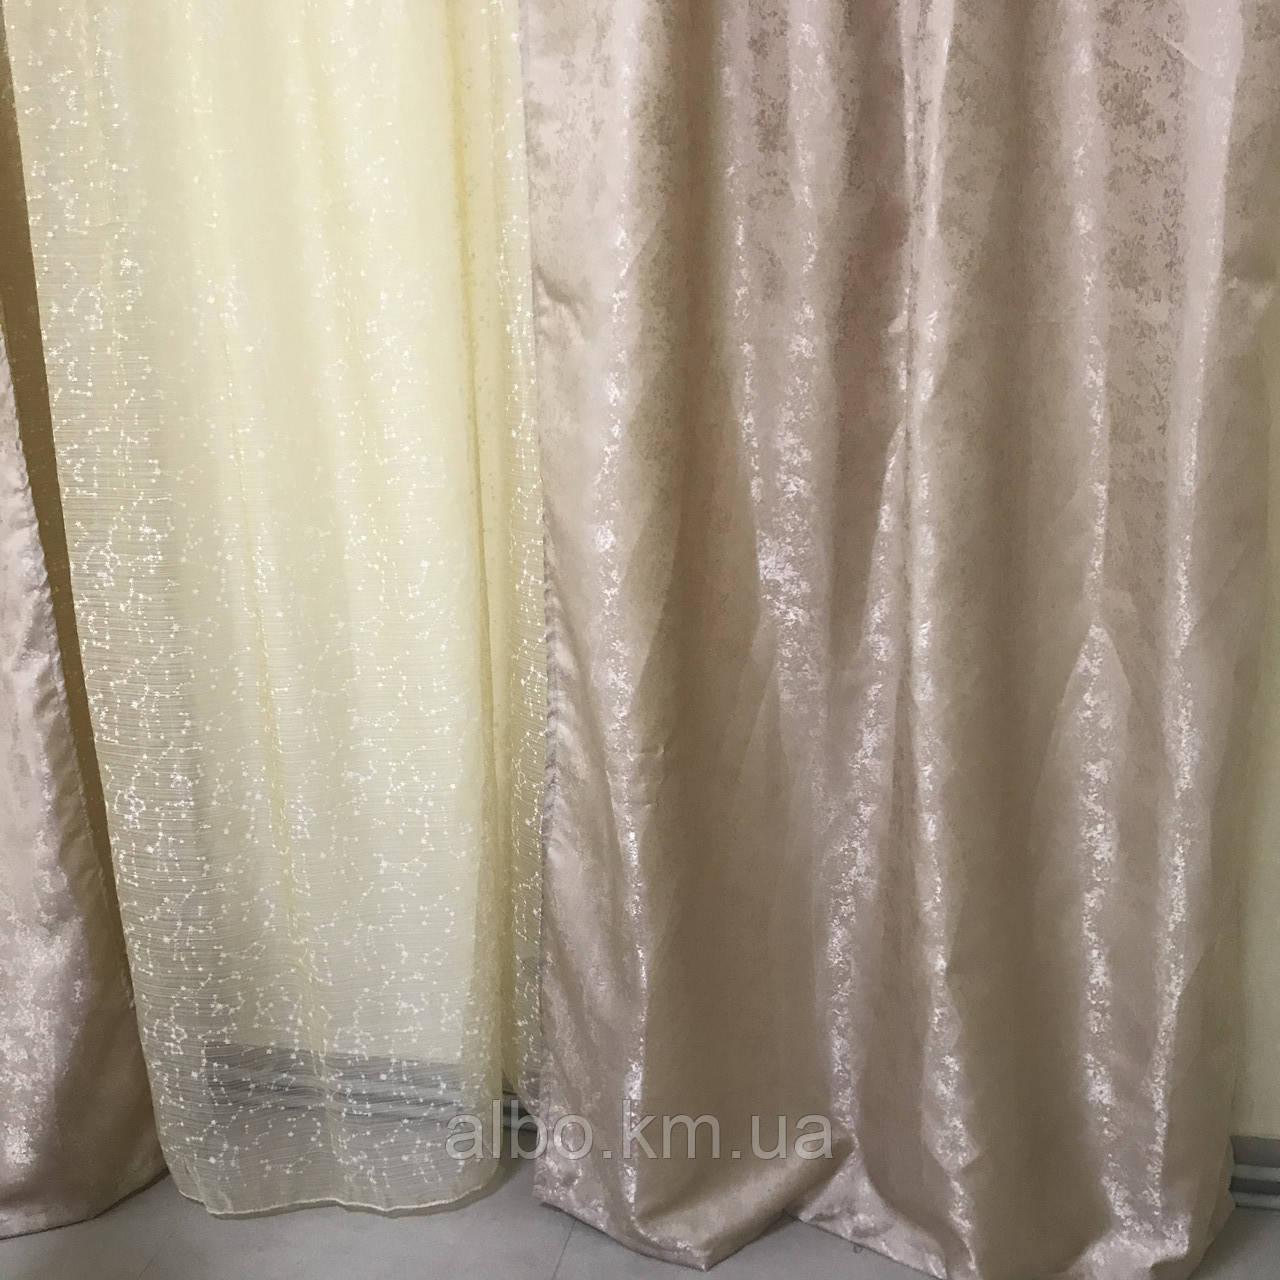 Шторы тюли в зал кабинет спальню, жаккардовые шторы для офиса дома квартиры, шторы из жаккарда в спальню зал